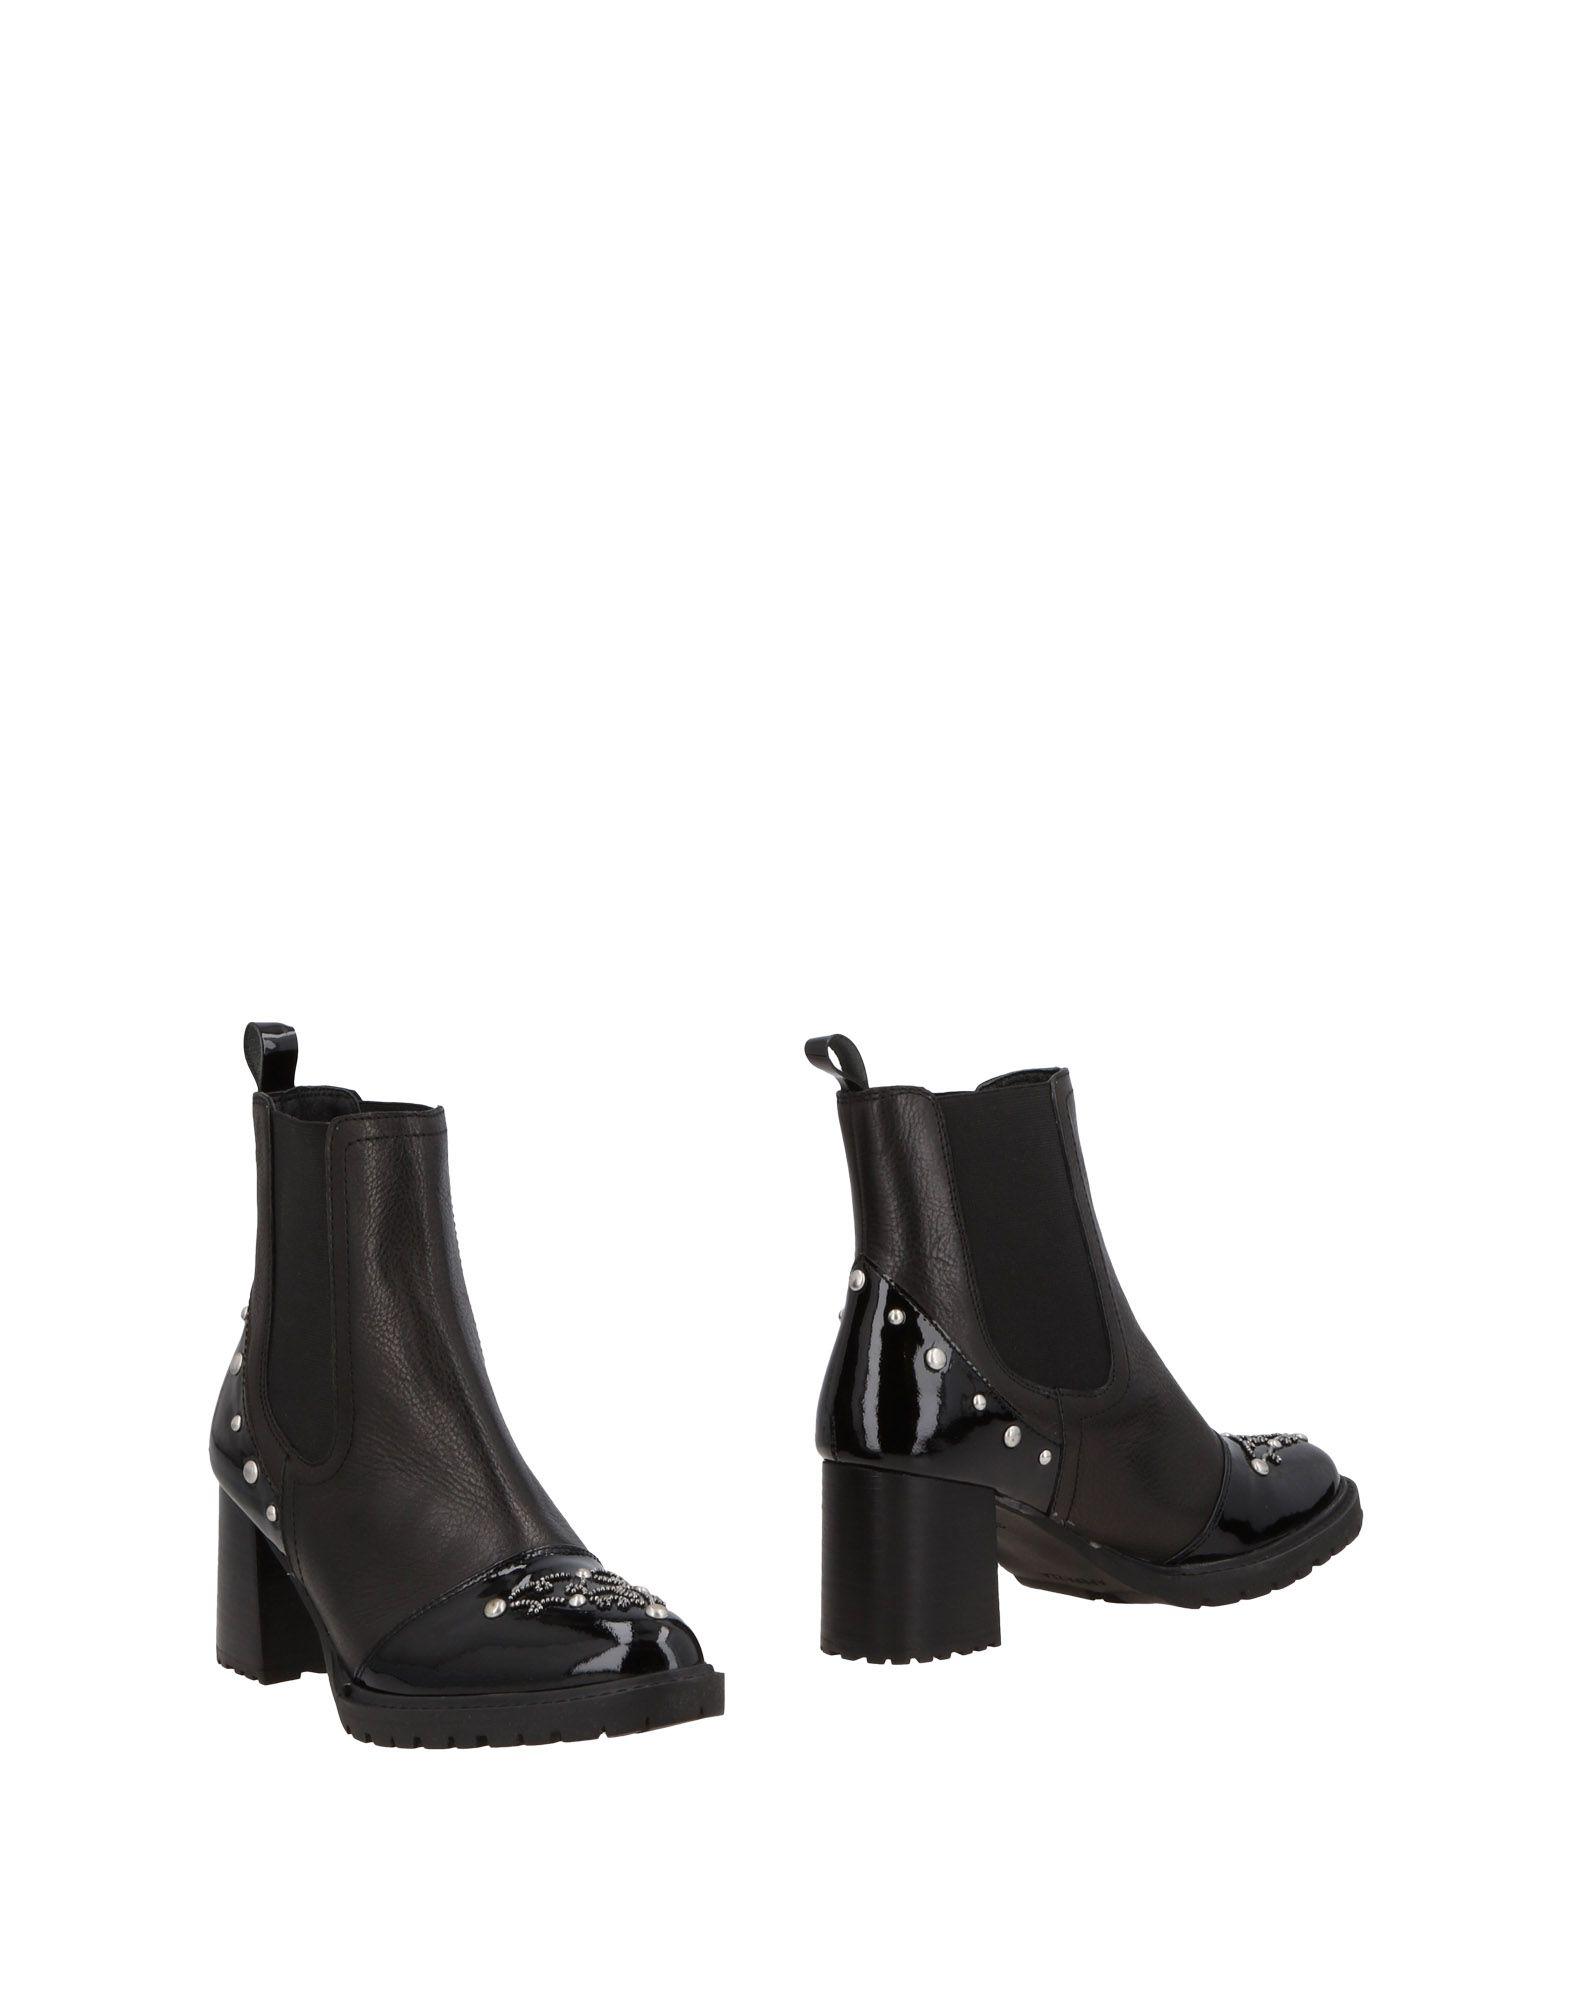 Apepazza Stiefelette Damen  11482276CN Gute Qualität beliebte Schuhe